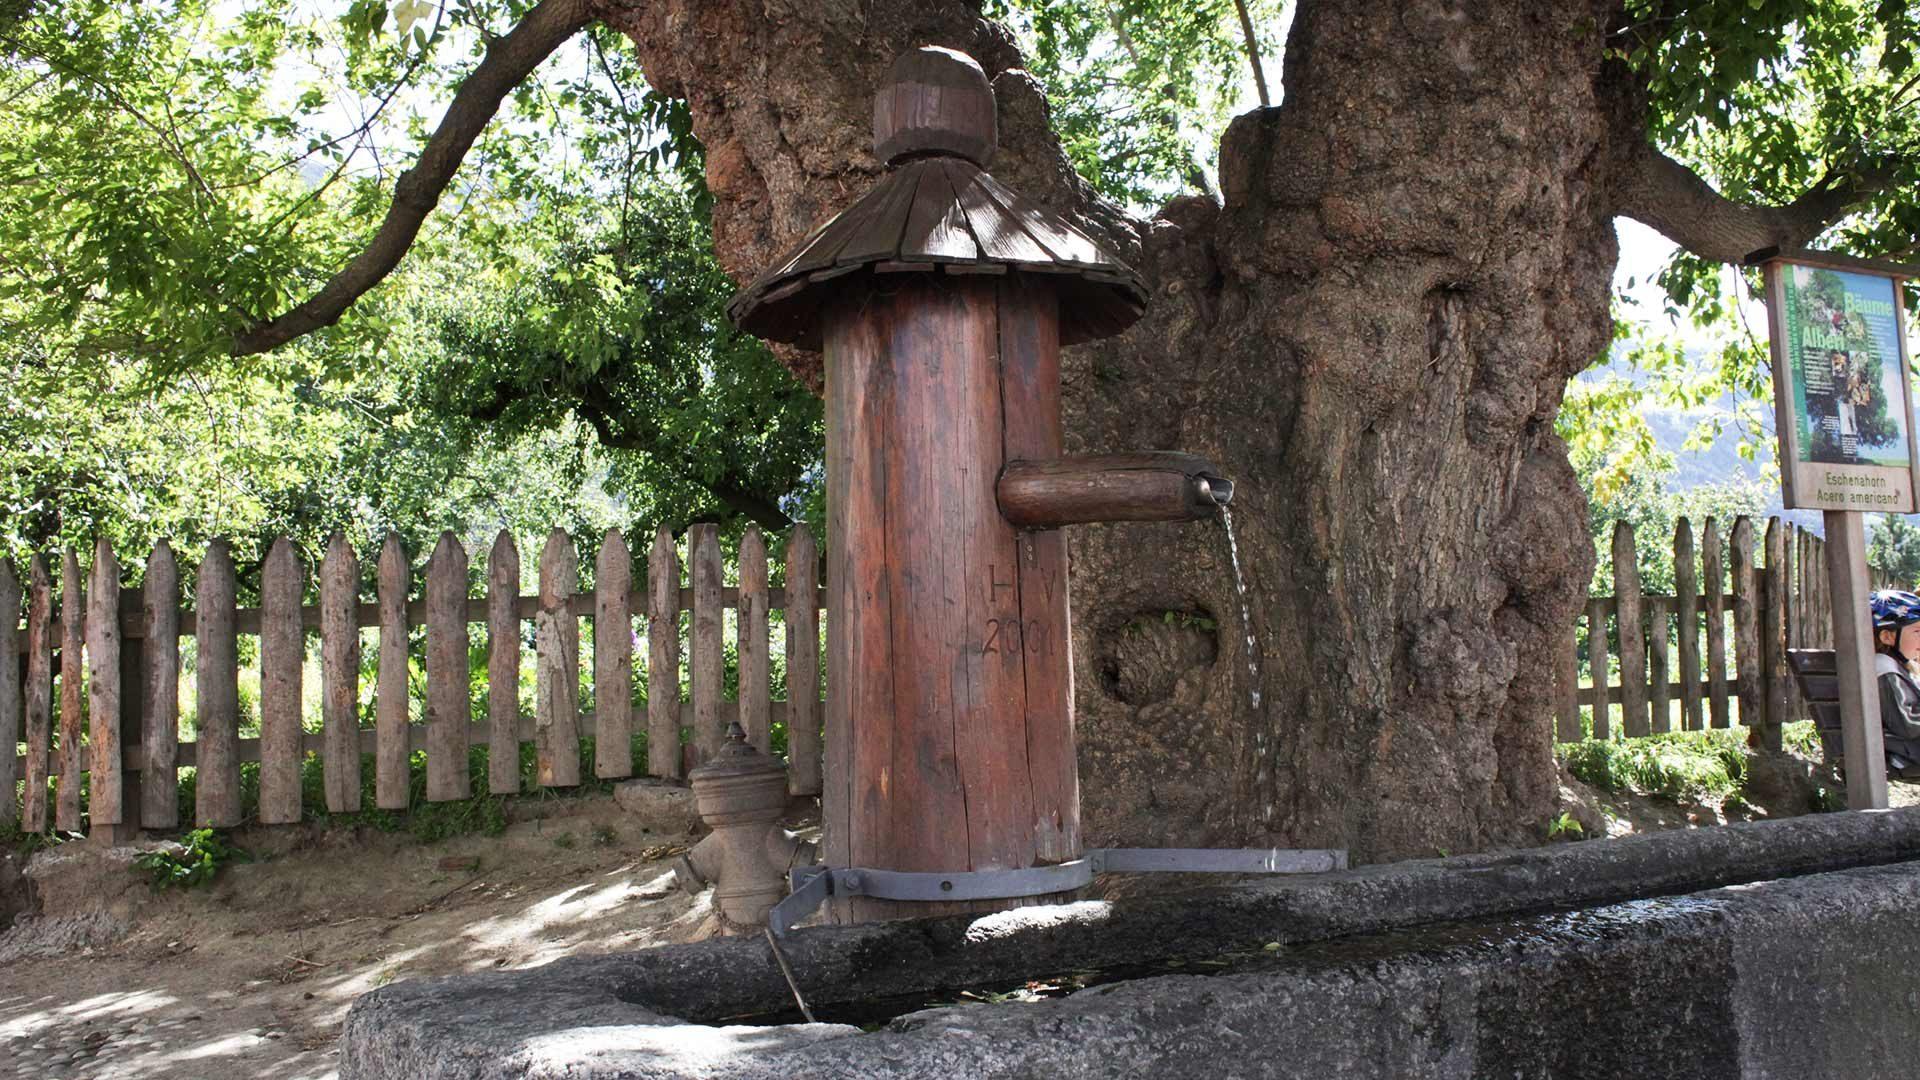 Monumento naturale dell'antico acero e vecchia fontana